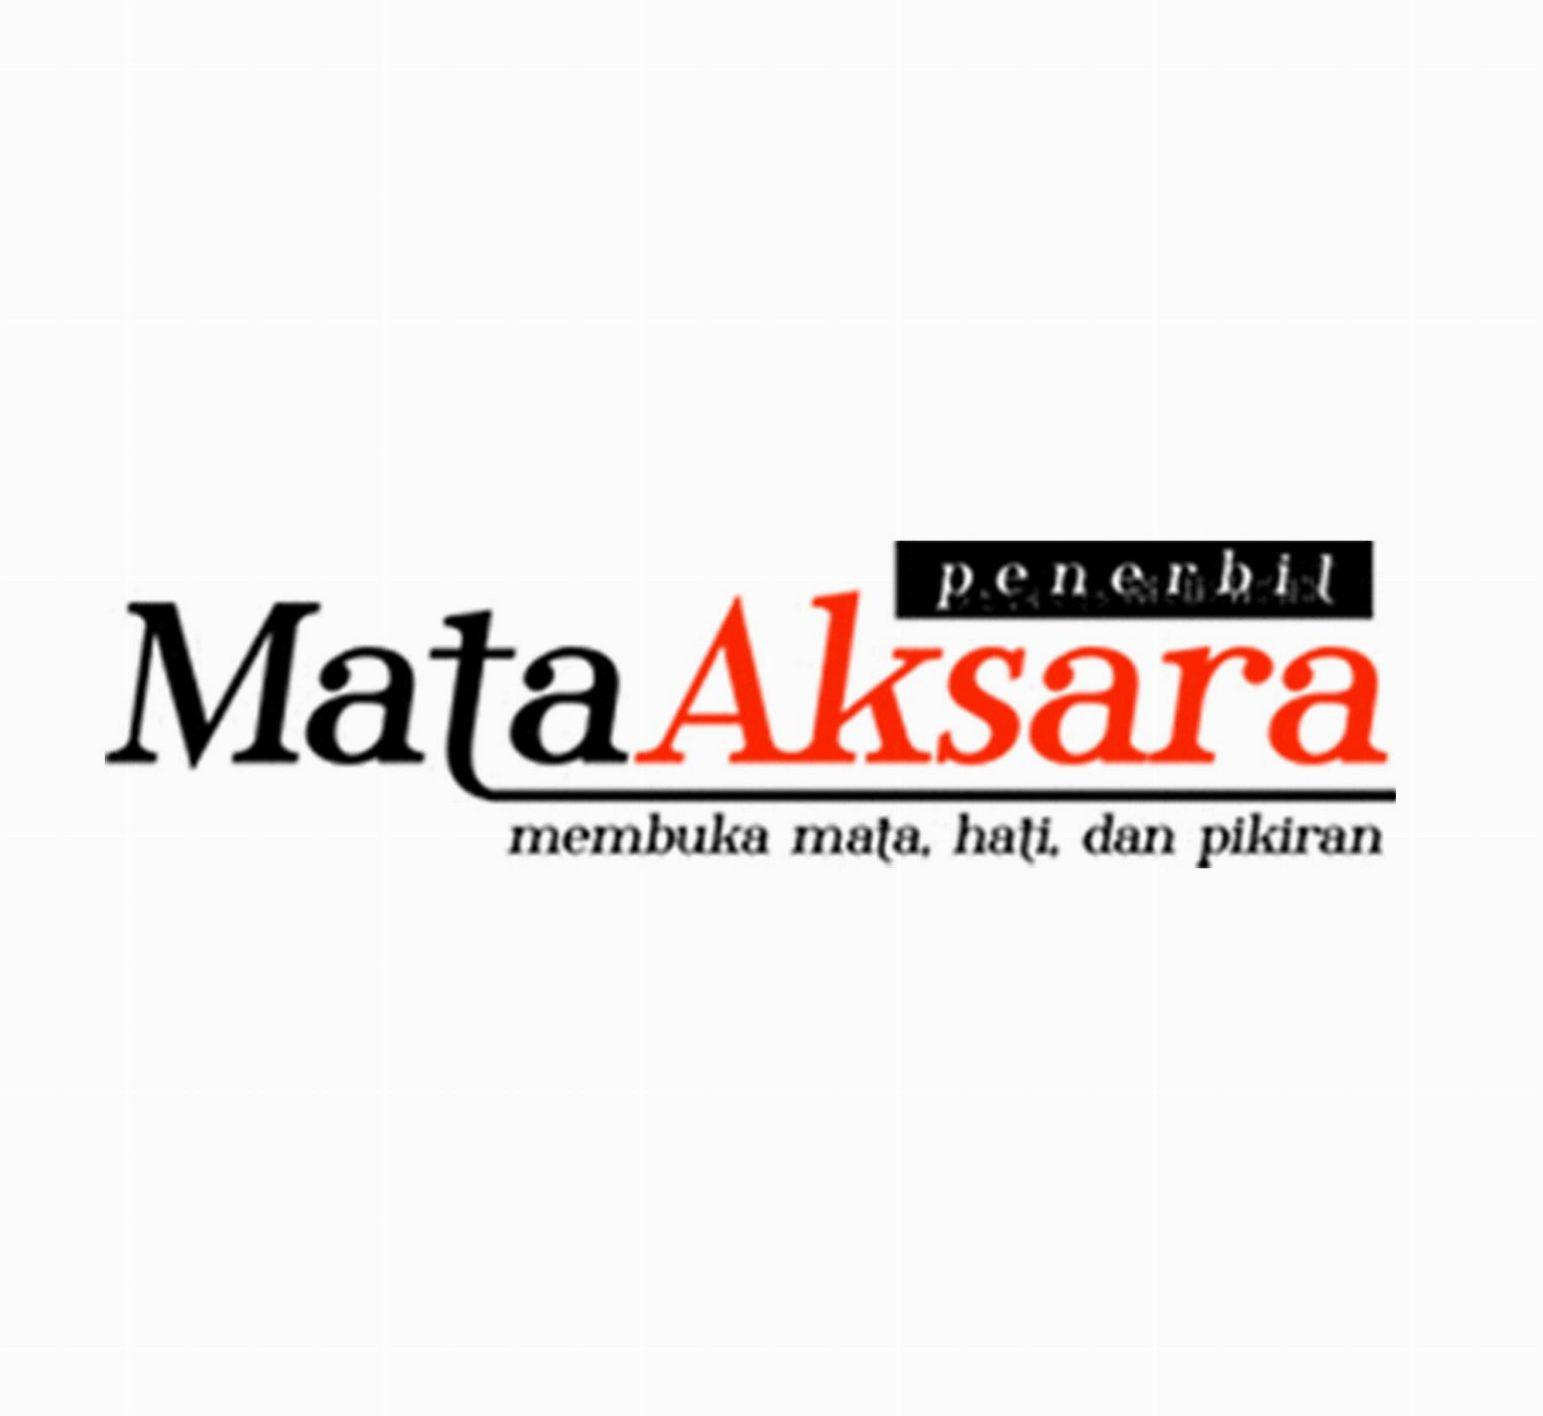 Logo Mata Aksara